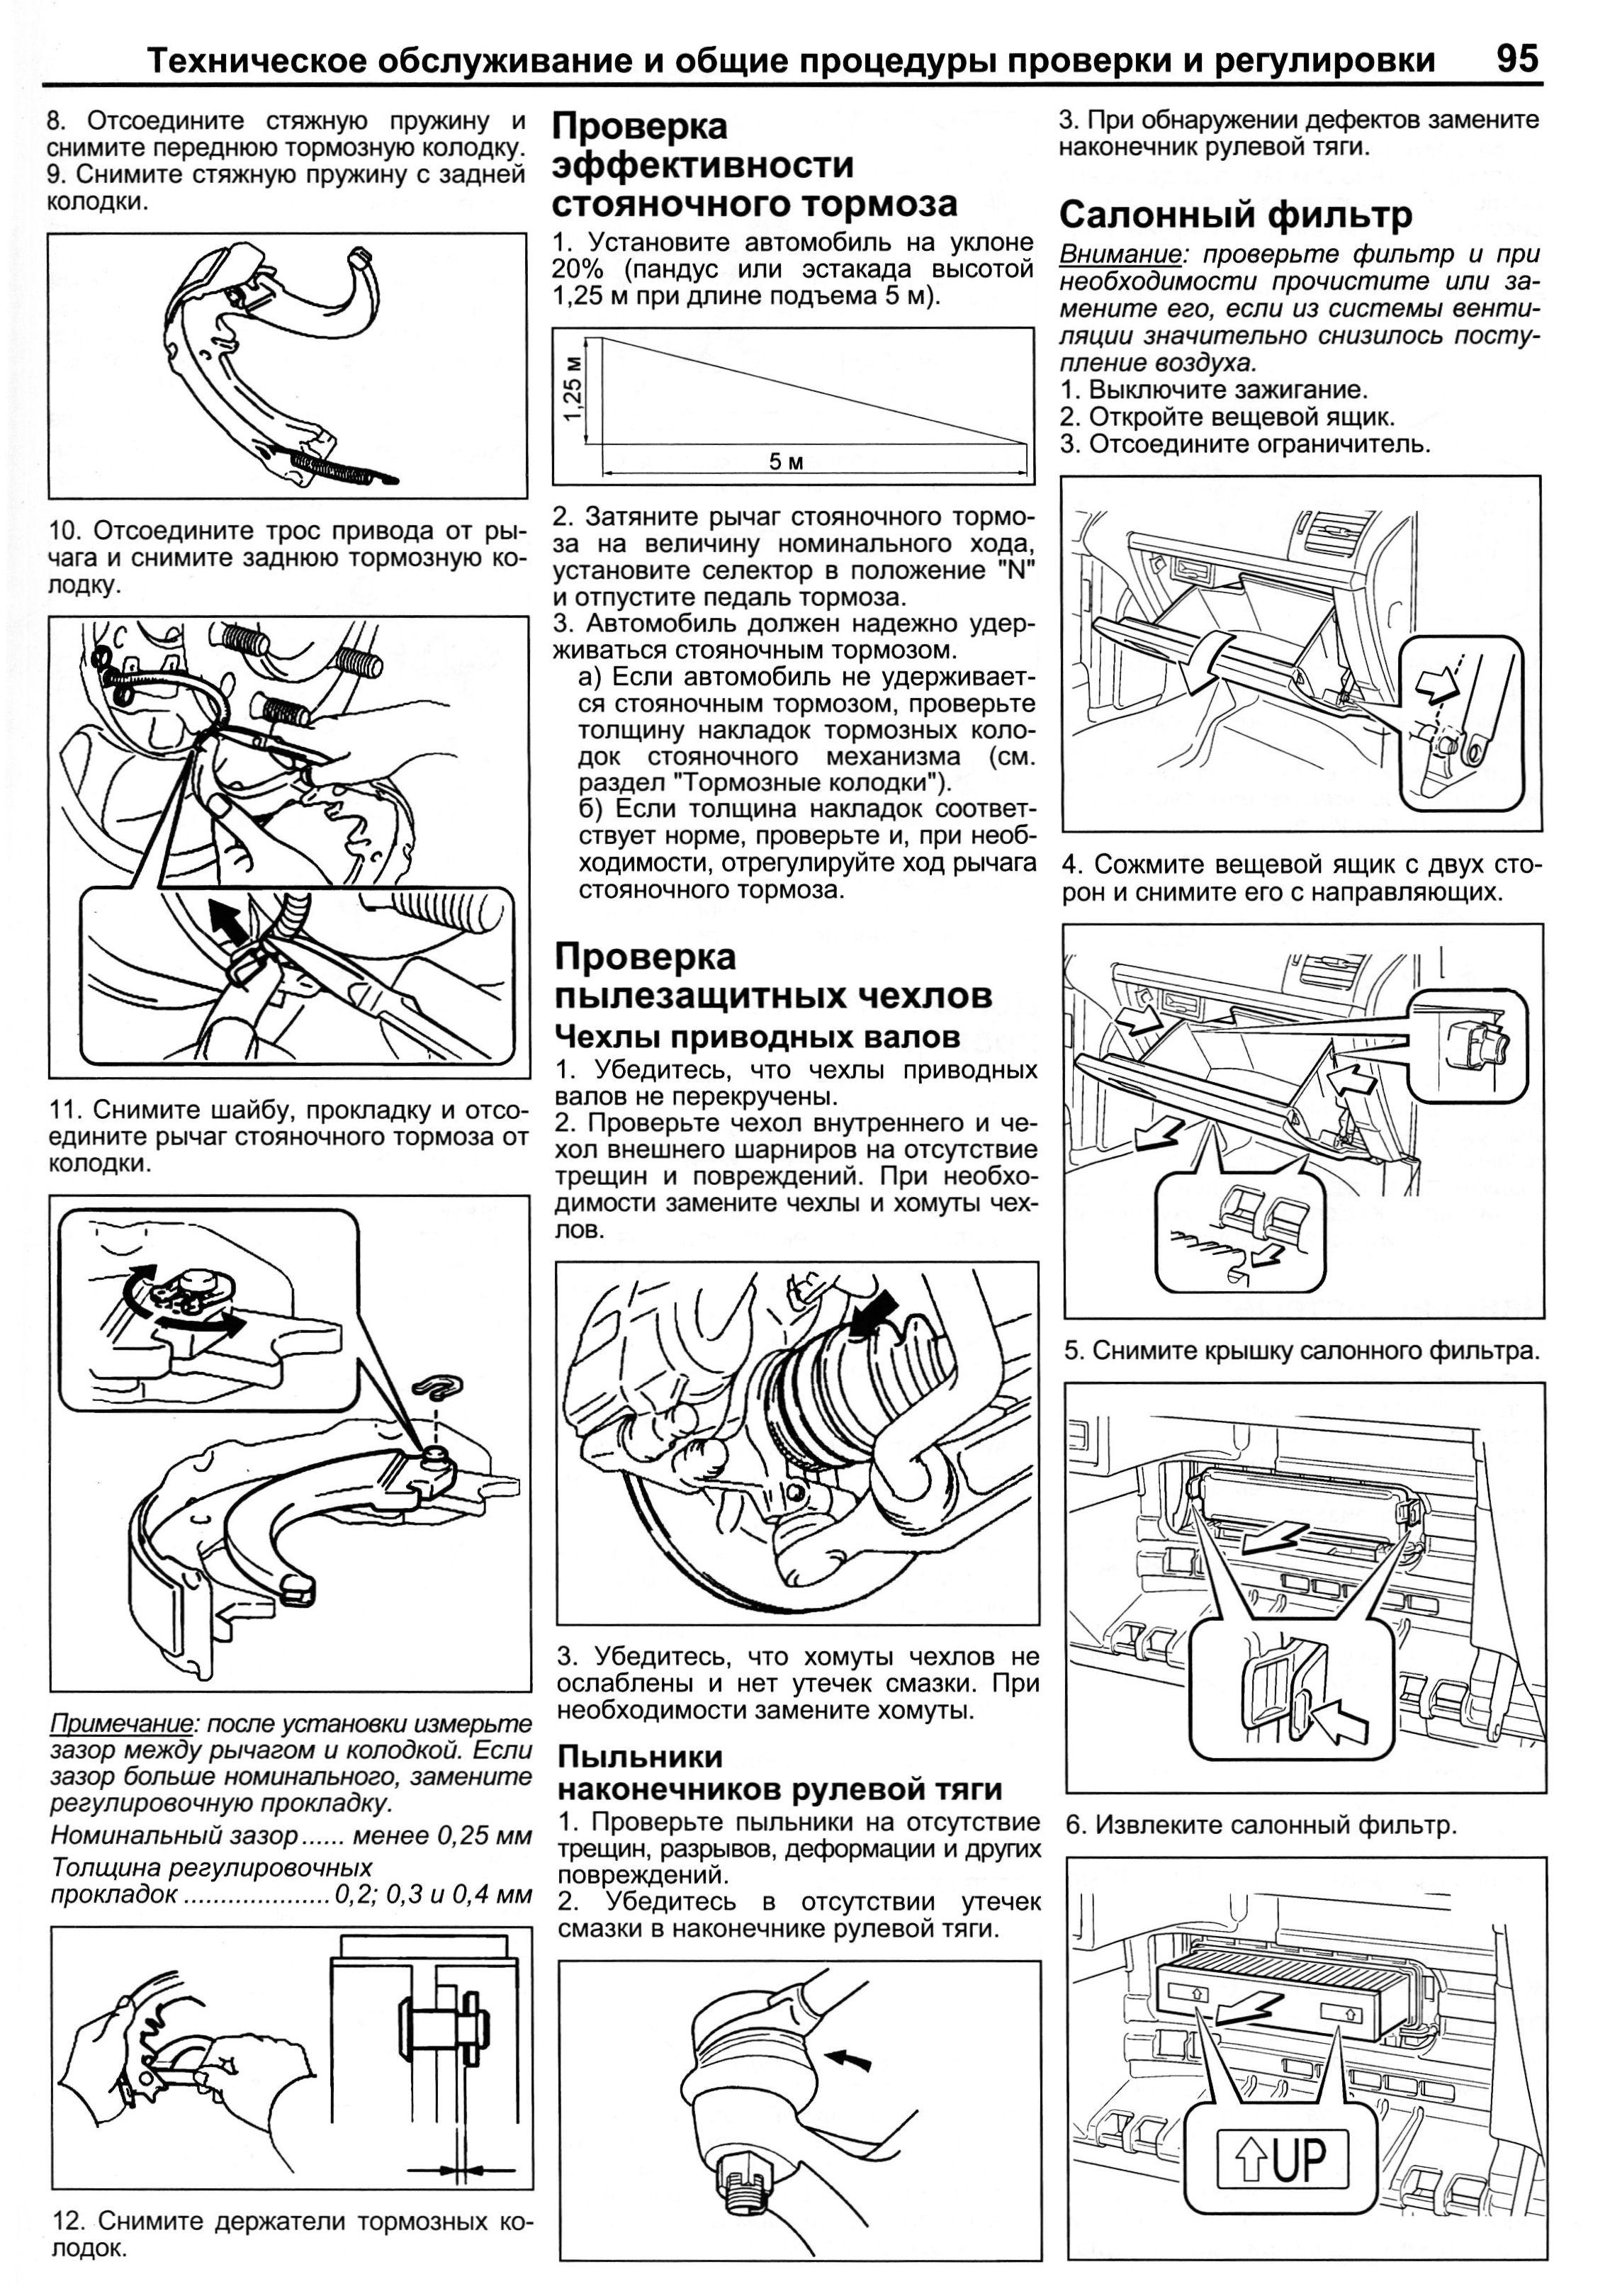 инструкция по эксплуатации тойота ленд крузер 80